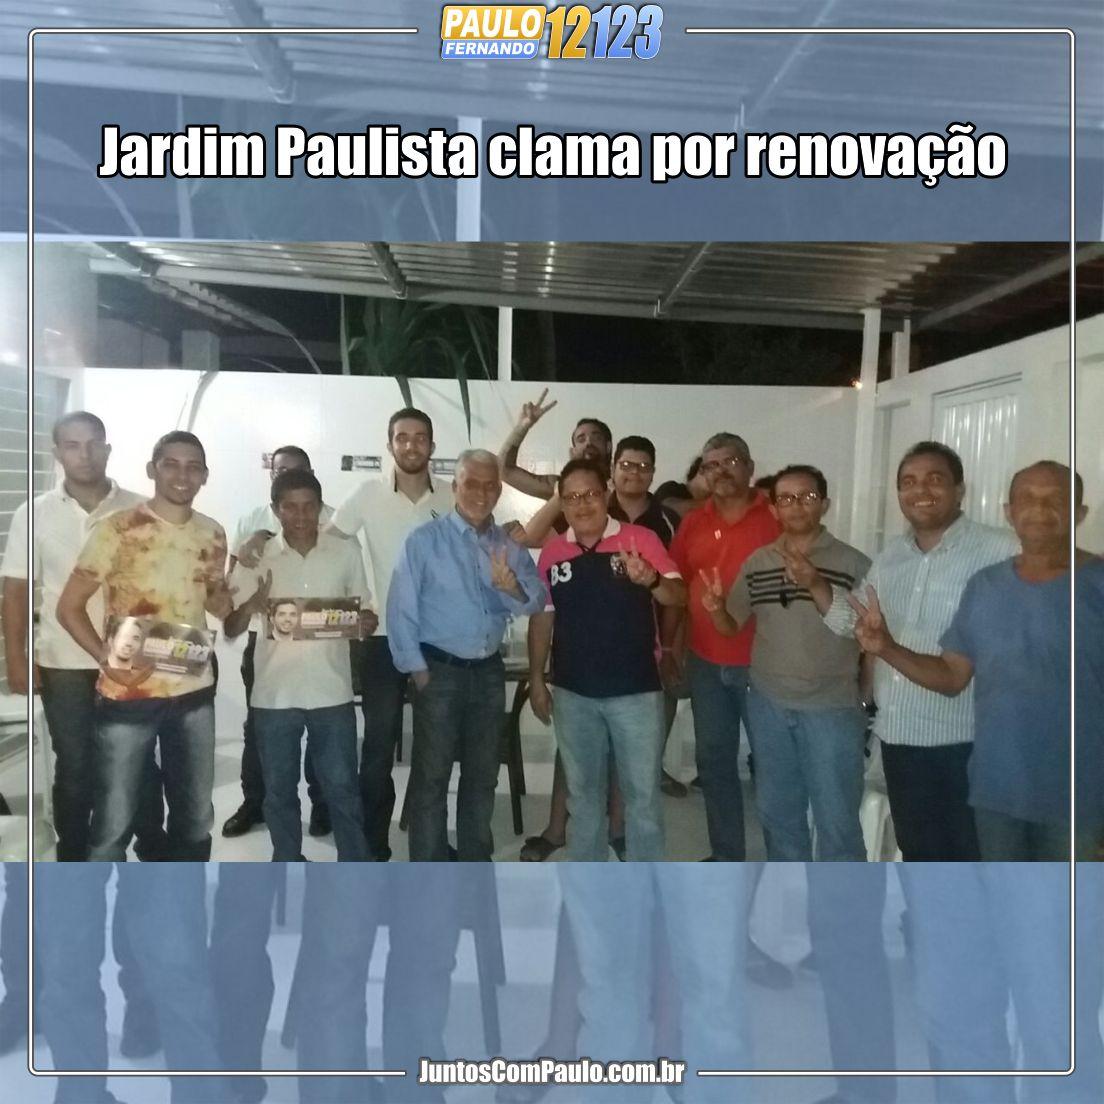 Paulo Fernando em reunião com a população de Jardim Paulista